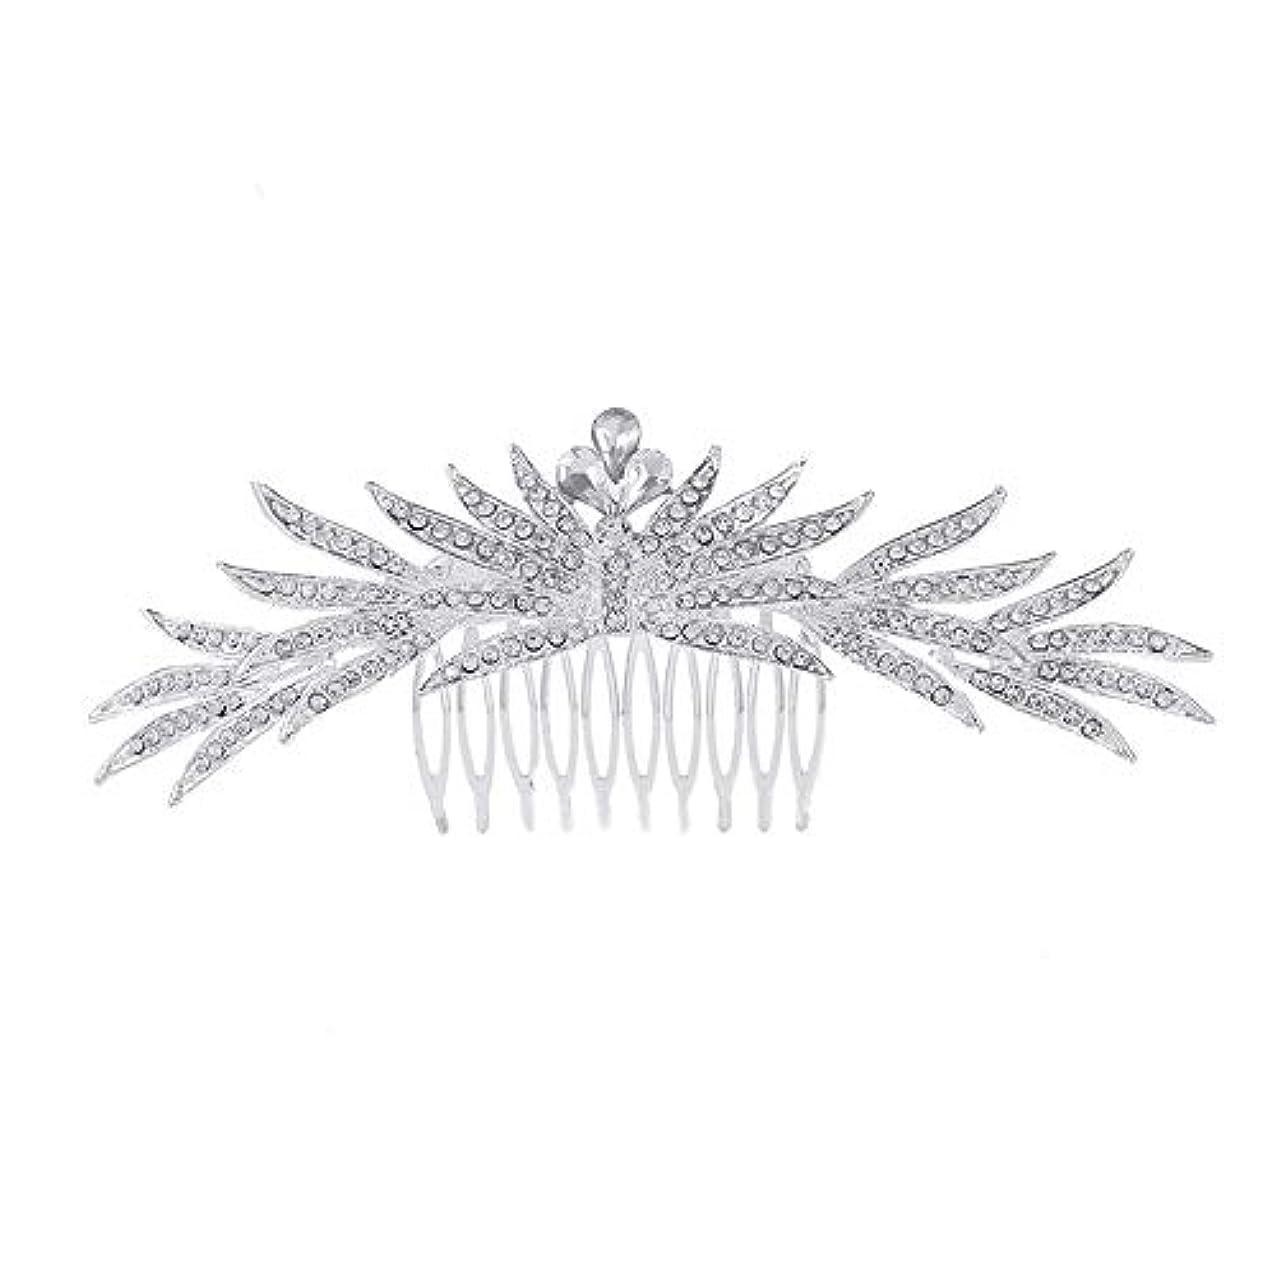 難破船落胆させるヒール髪の櫛の櫛の櫛花嫁の髪の櫛ラインストーンの櫛亜鉛合金ブライダルヘッドドレス結婚式のアクセサリー挿入櫛